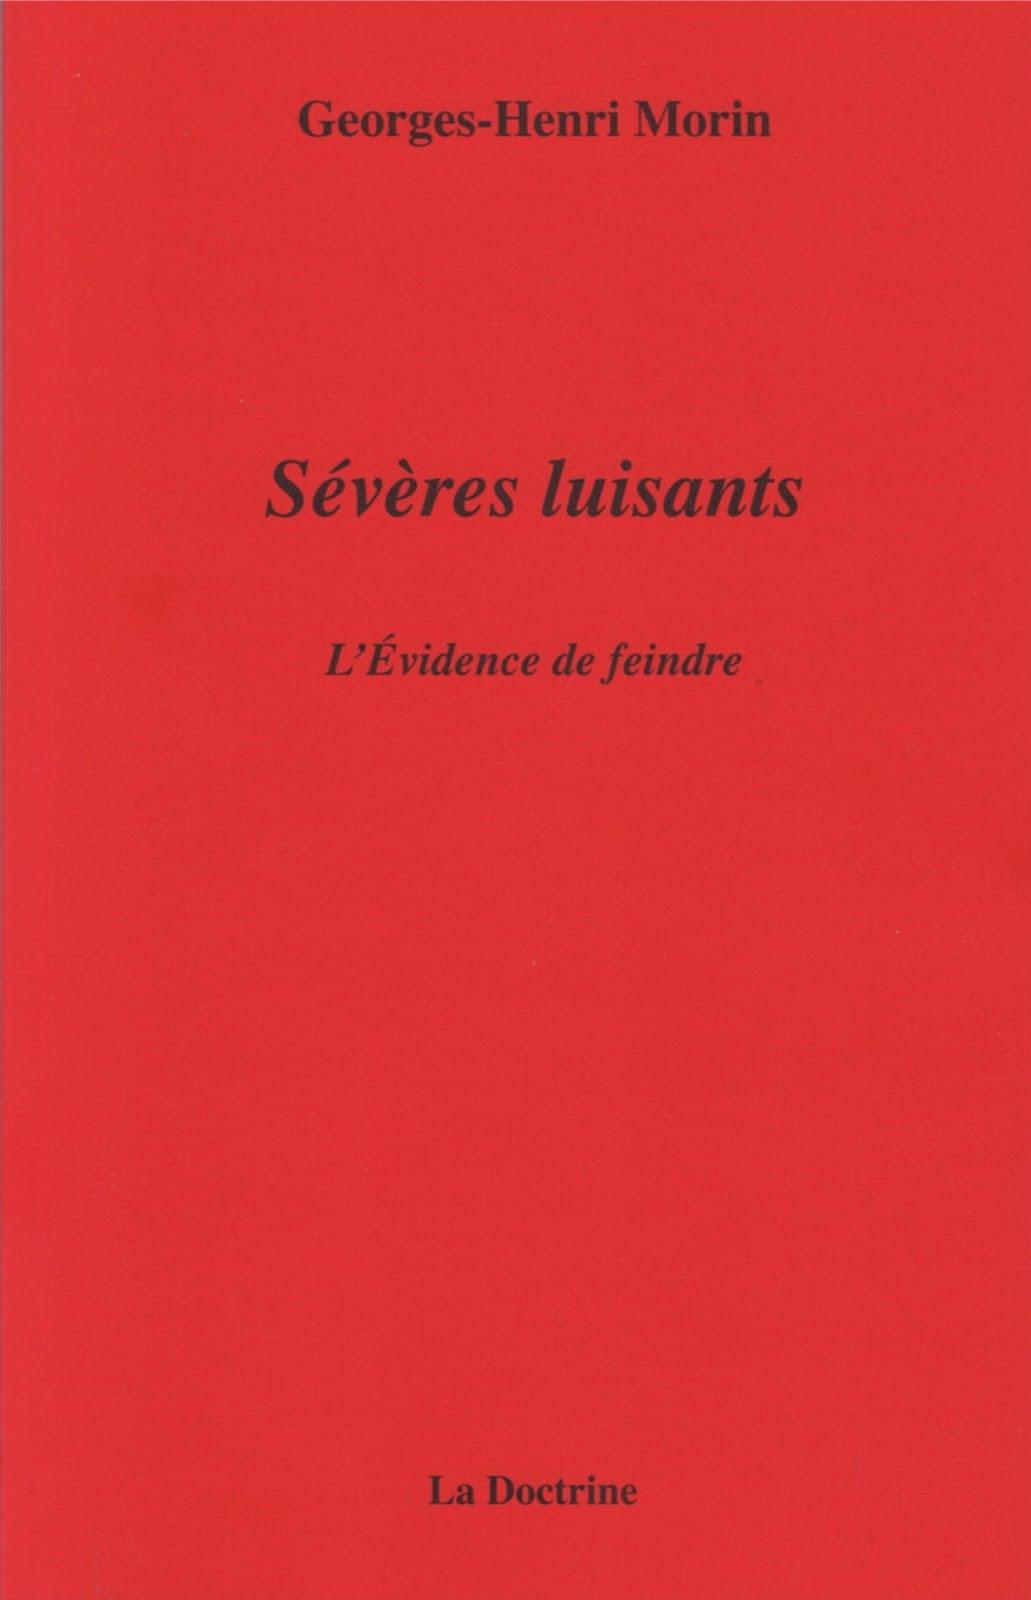 Georges-Henri MORIN, SÉVÈRES LUISANTS,  Éditions La Doctrine, Février 2018